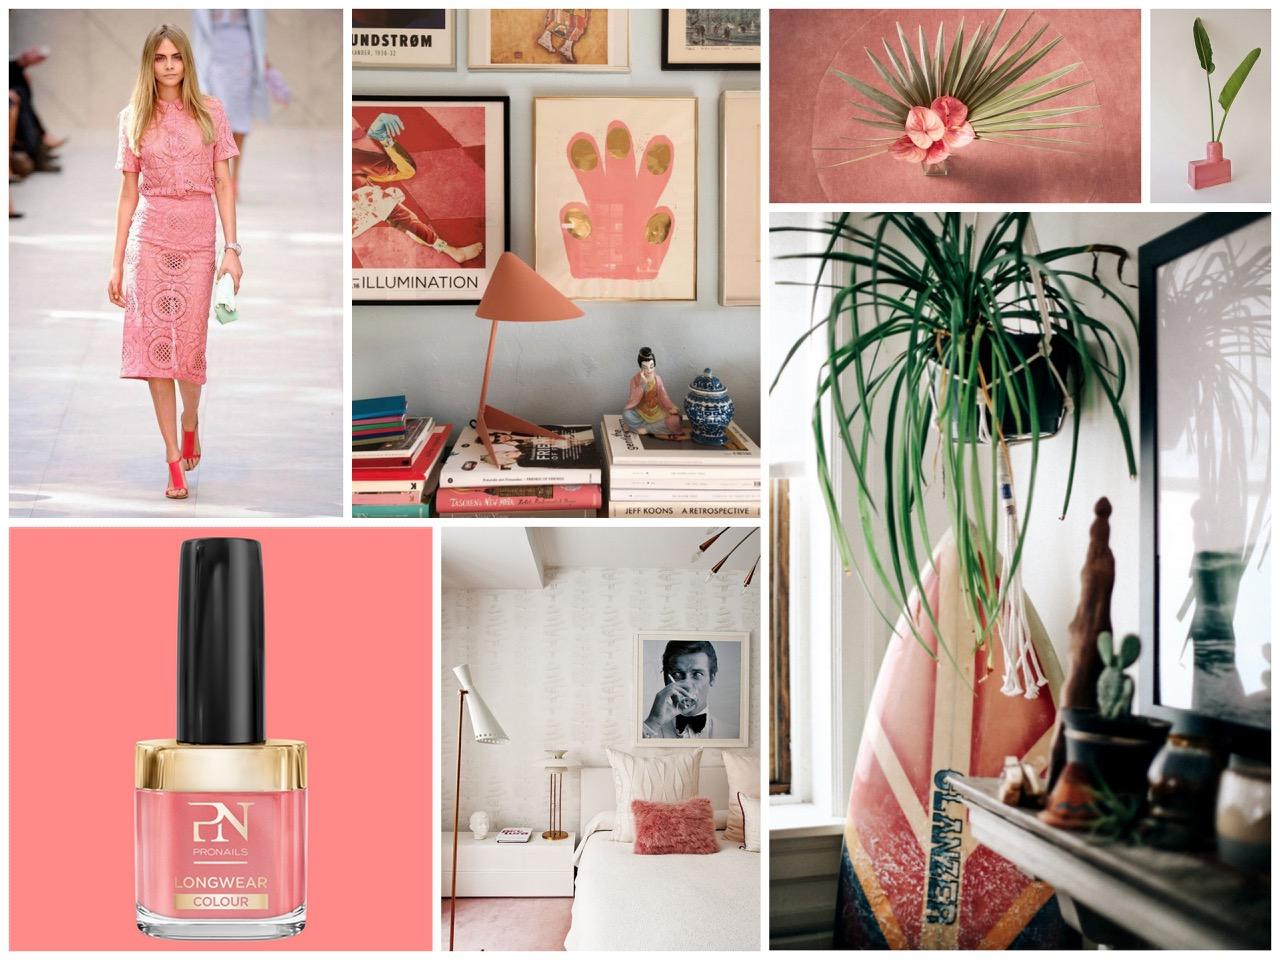 pronails,vernis,nude,rose,décoration,inspiration,beauté,vernis à ongles